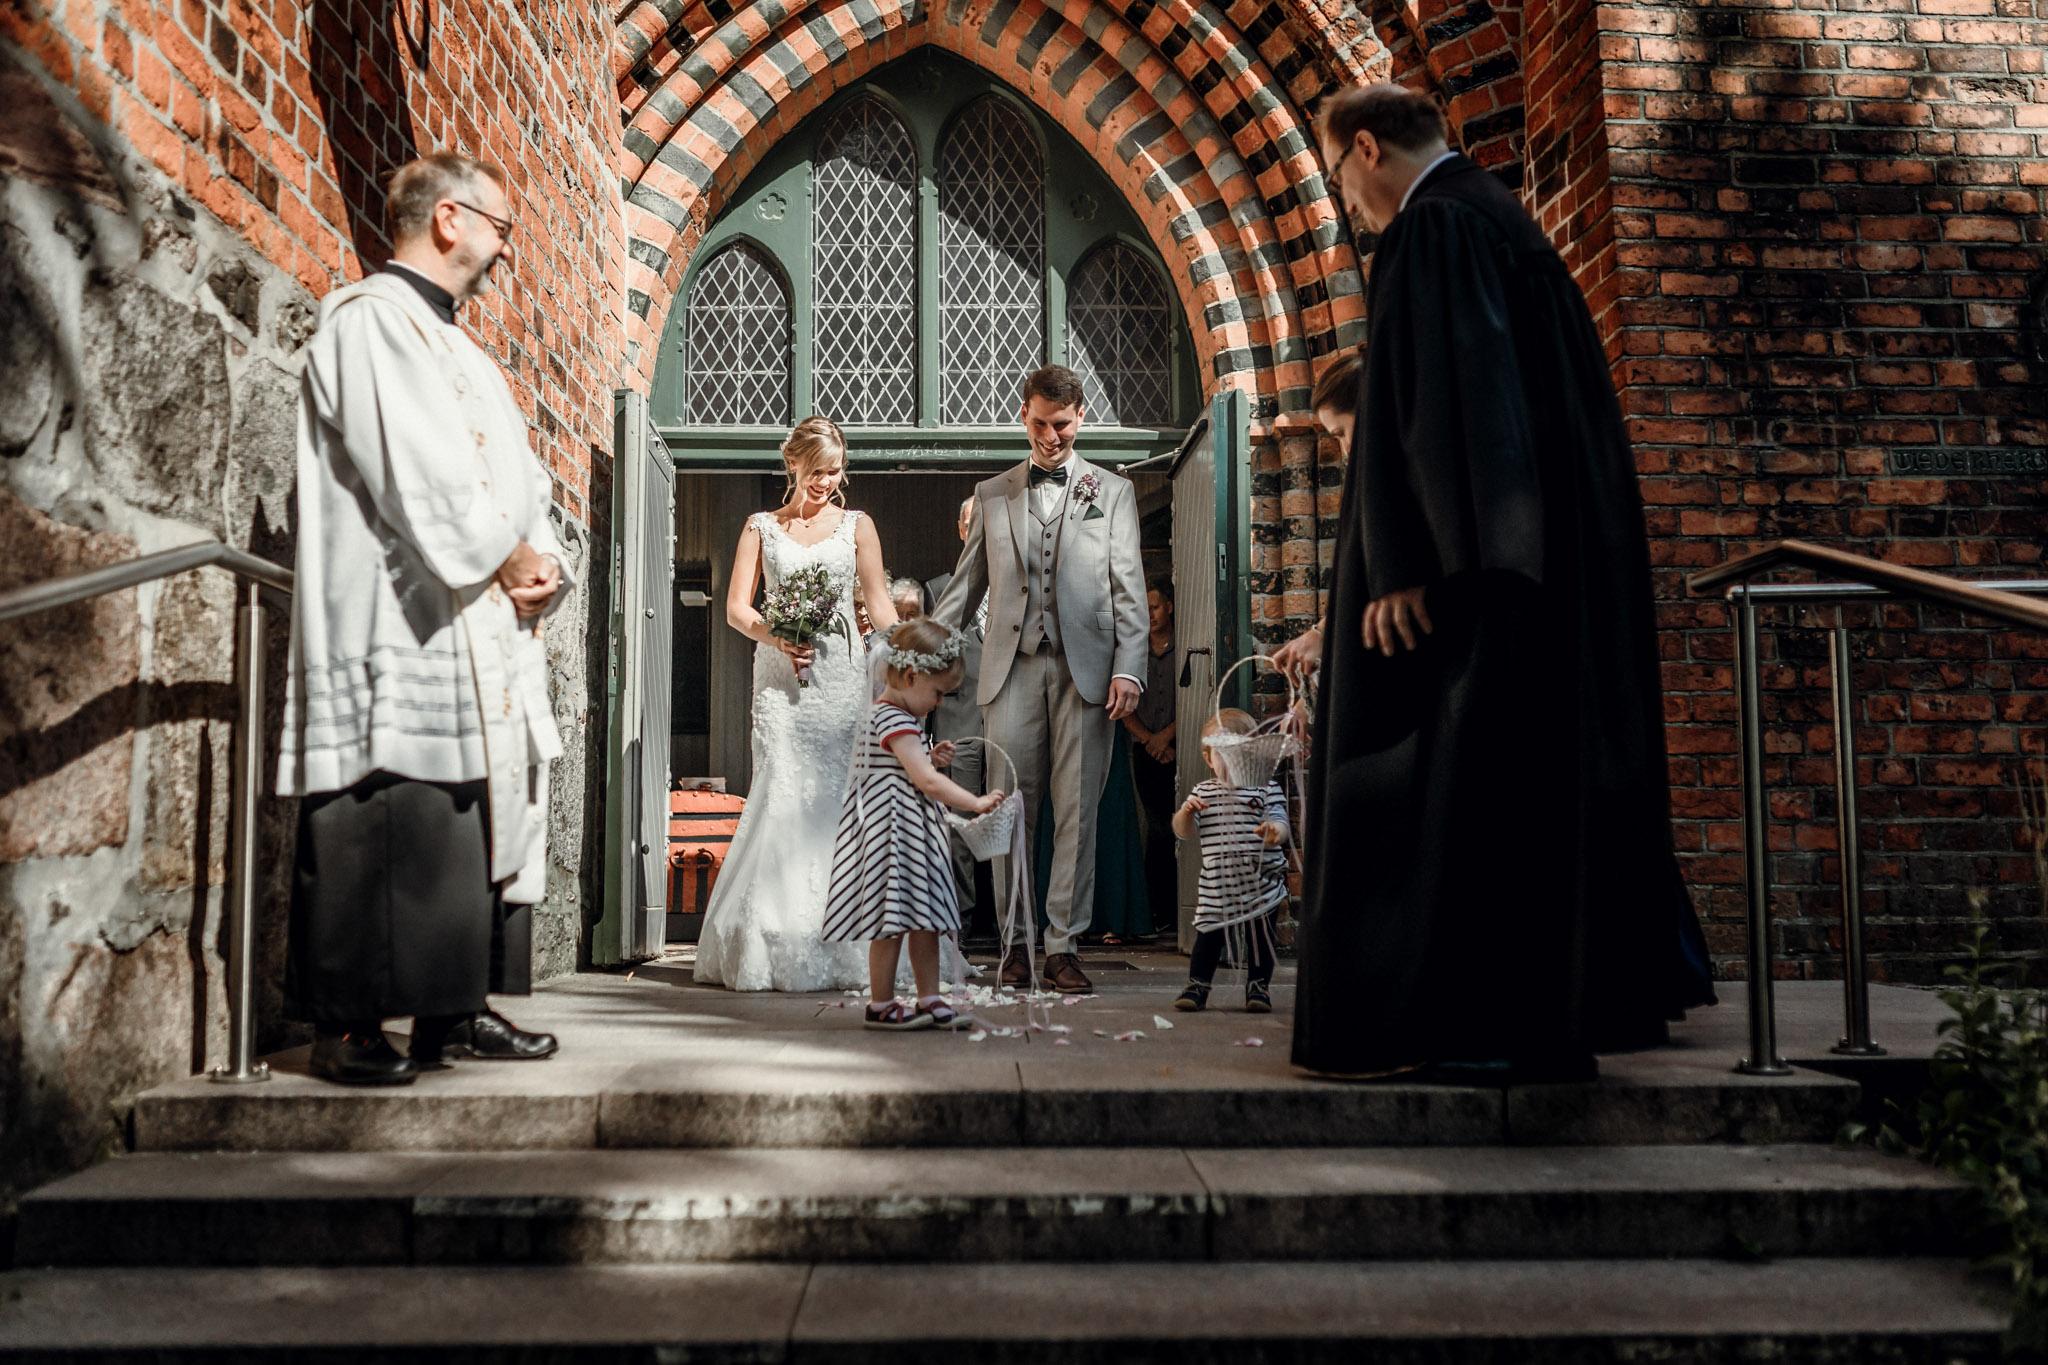 Sven Schomburg Hochzeitsfotografie, Hamburg, Mölln, Hochzeitsfieber by Photo-Schomburg, Hochzeitsreportage, Forsthaus Waldhusen, Braut, Bräutigam-46